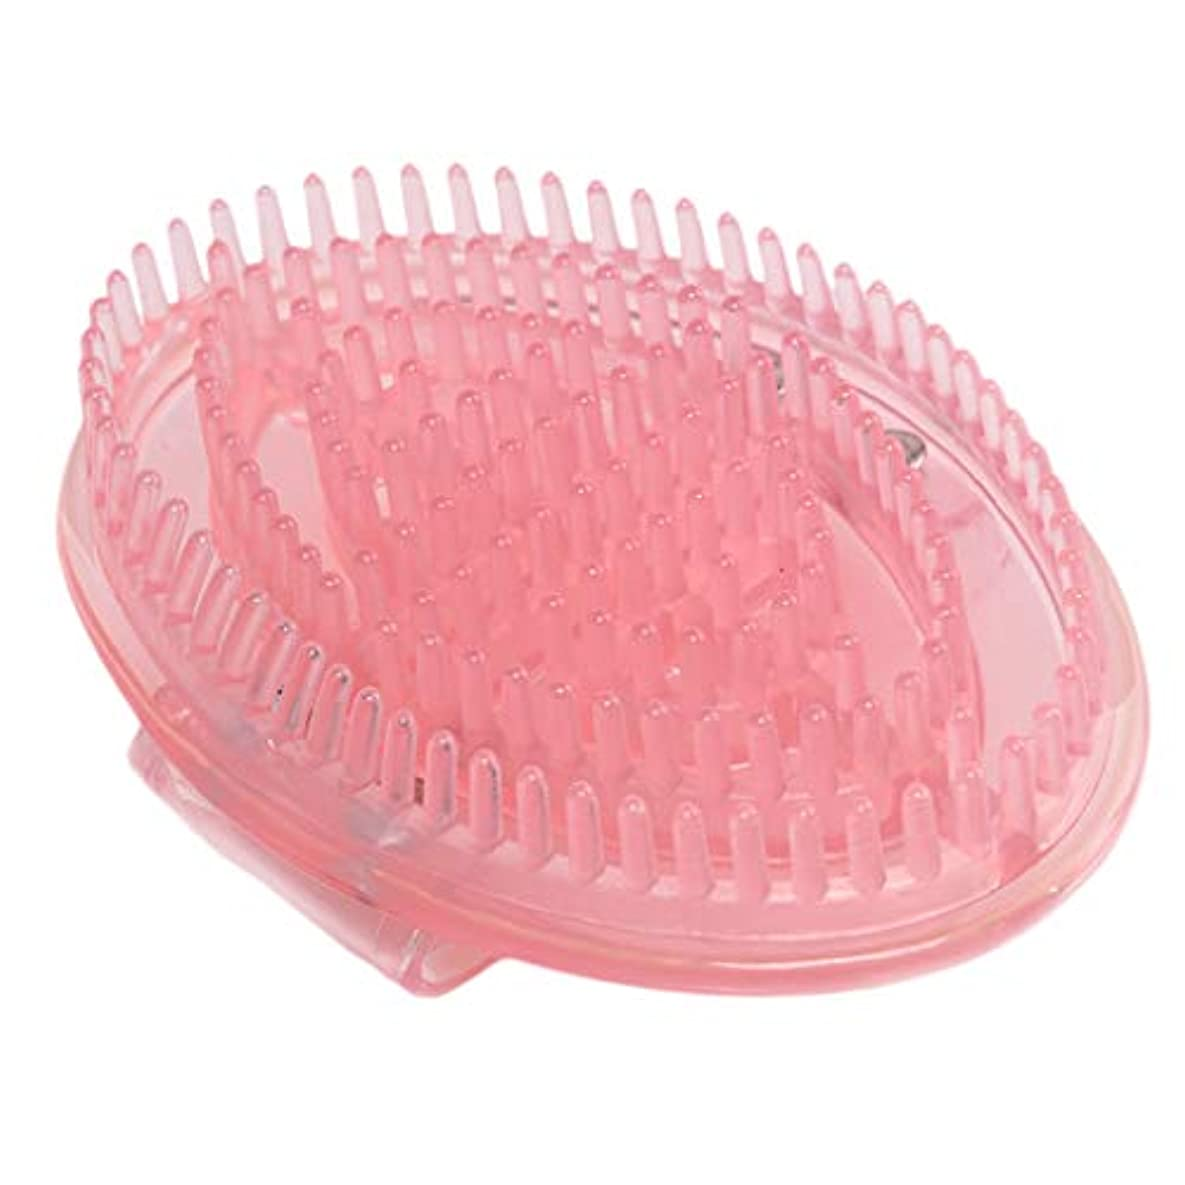 いくつかの退院夕食を食べるマッサージブラシ ボディ セルライト ハンドタイプ 頭皮マッサージャー メリディアンマッサージ 全5色 - ピンク